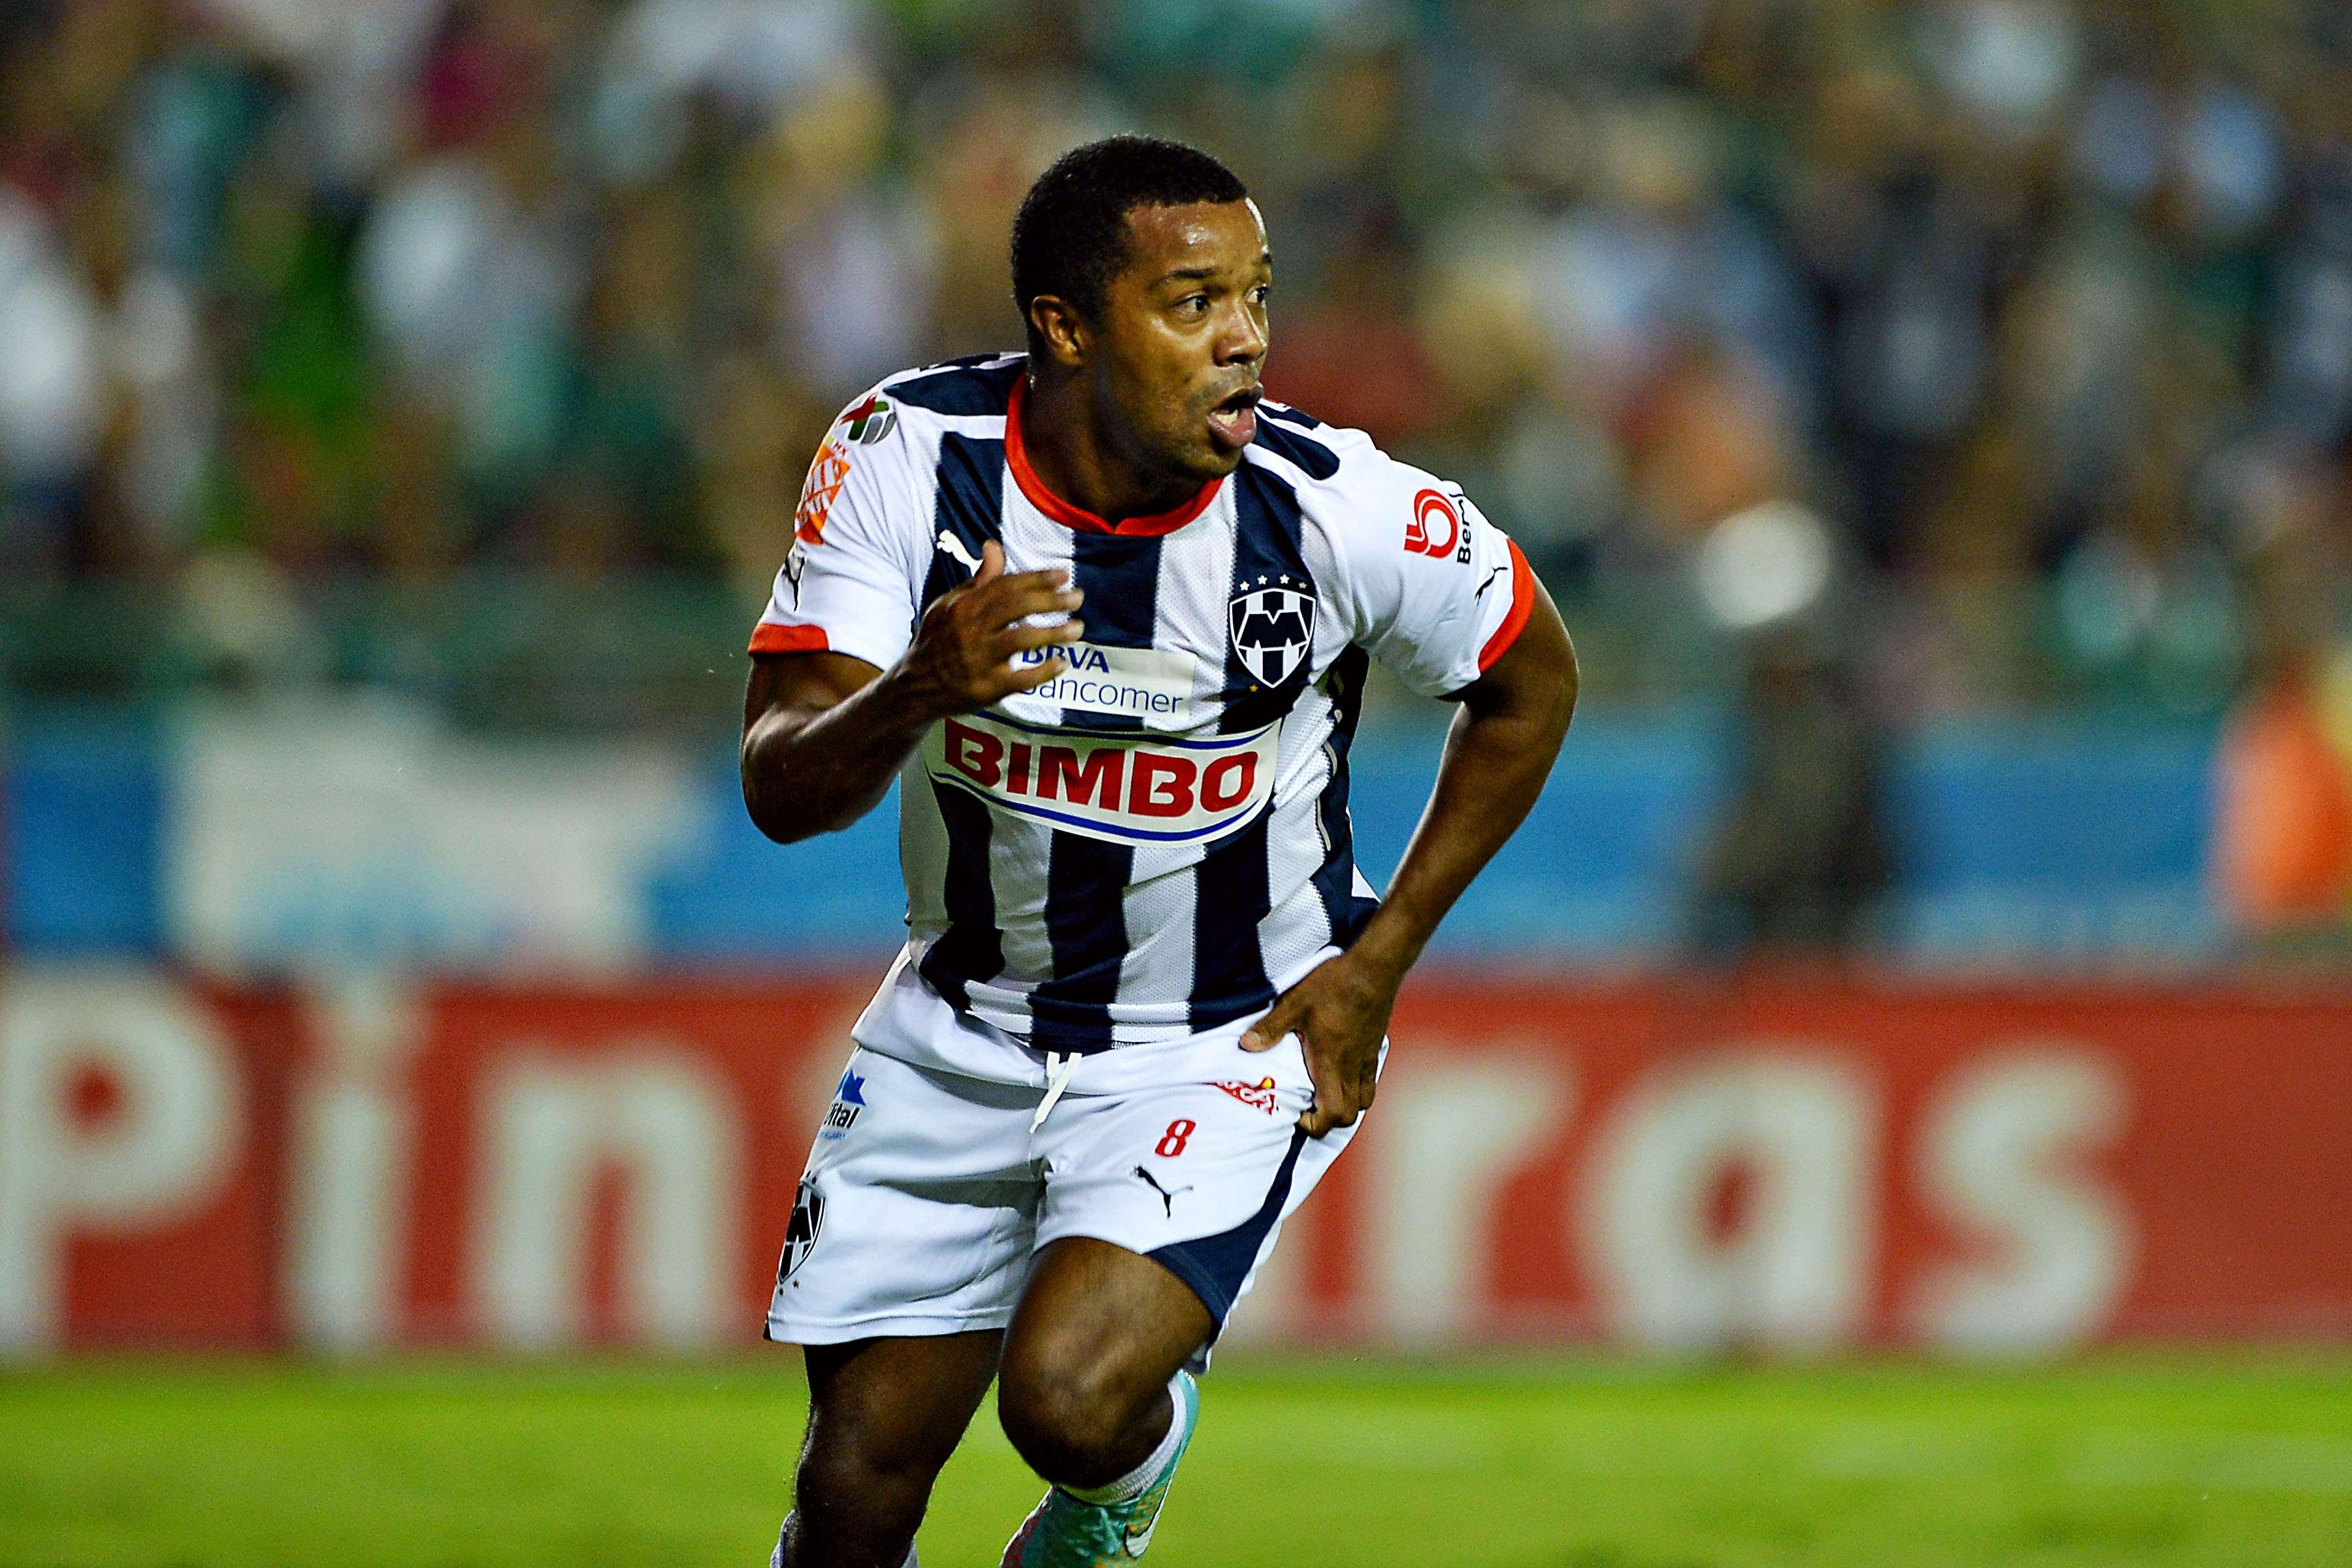 El delantero de Rayados fue provocado tras el par de goles que anotó. Foto: Mexsport